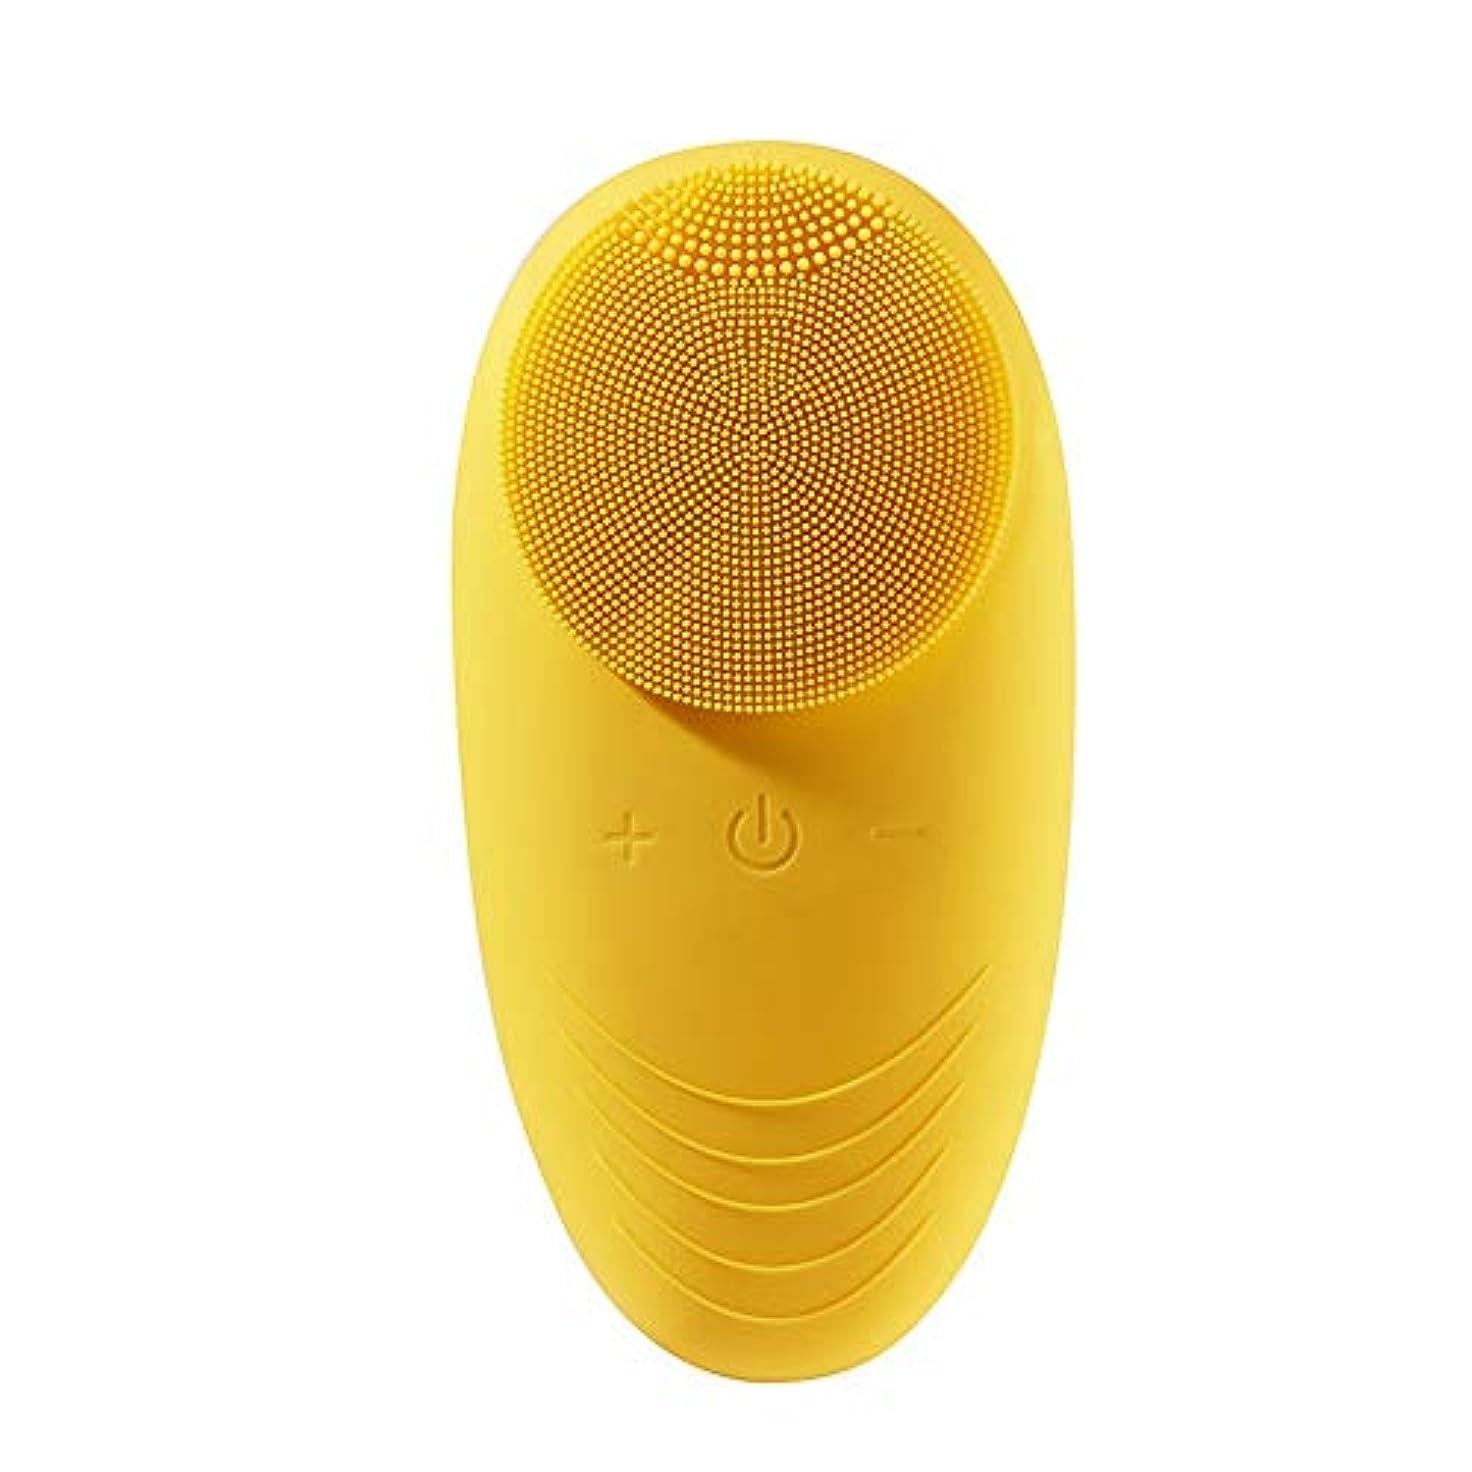 ラオス人コーチ透明にZXF 電気シリコーン防水クレンジングブラシディープクリーニングポア超音波振動クレンジング器具美容器具 滑らかである (色 : Yellow)